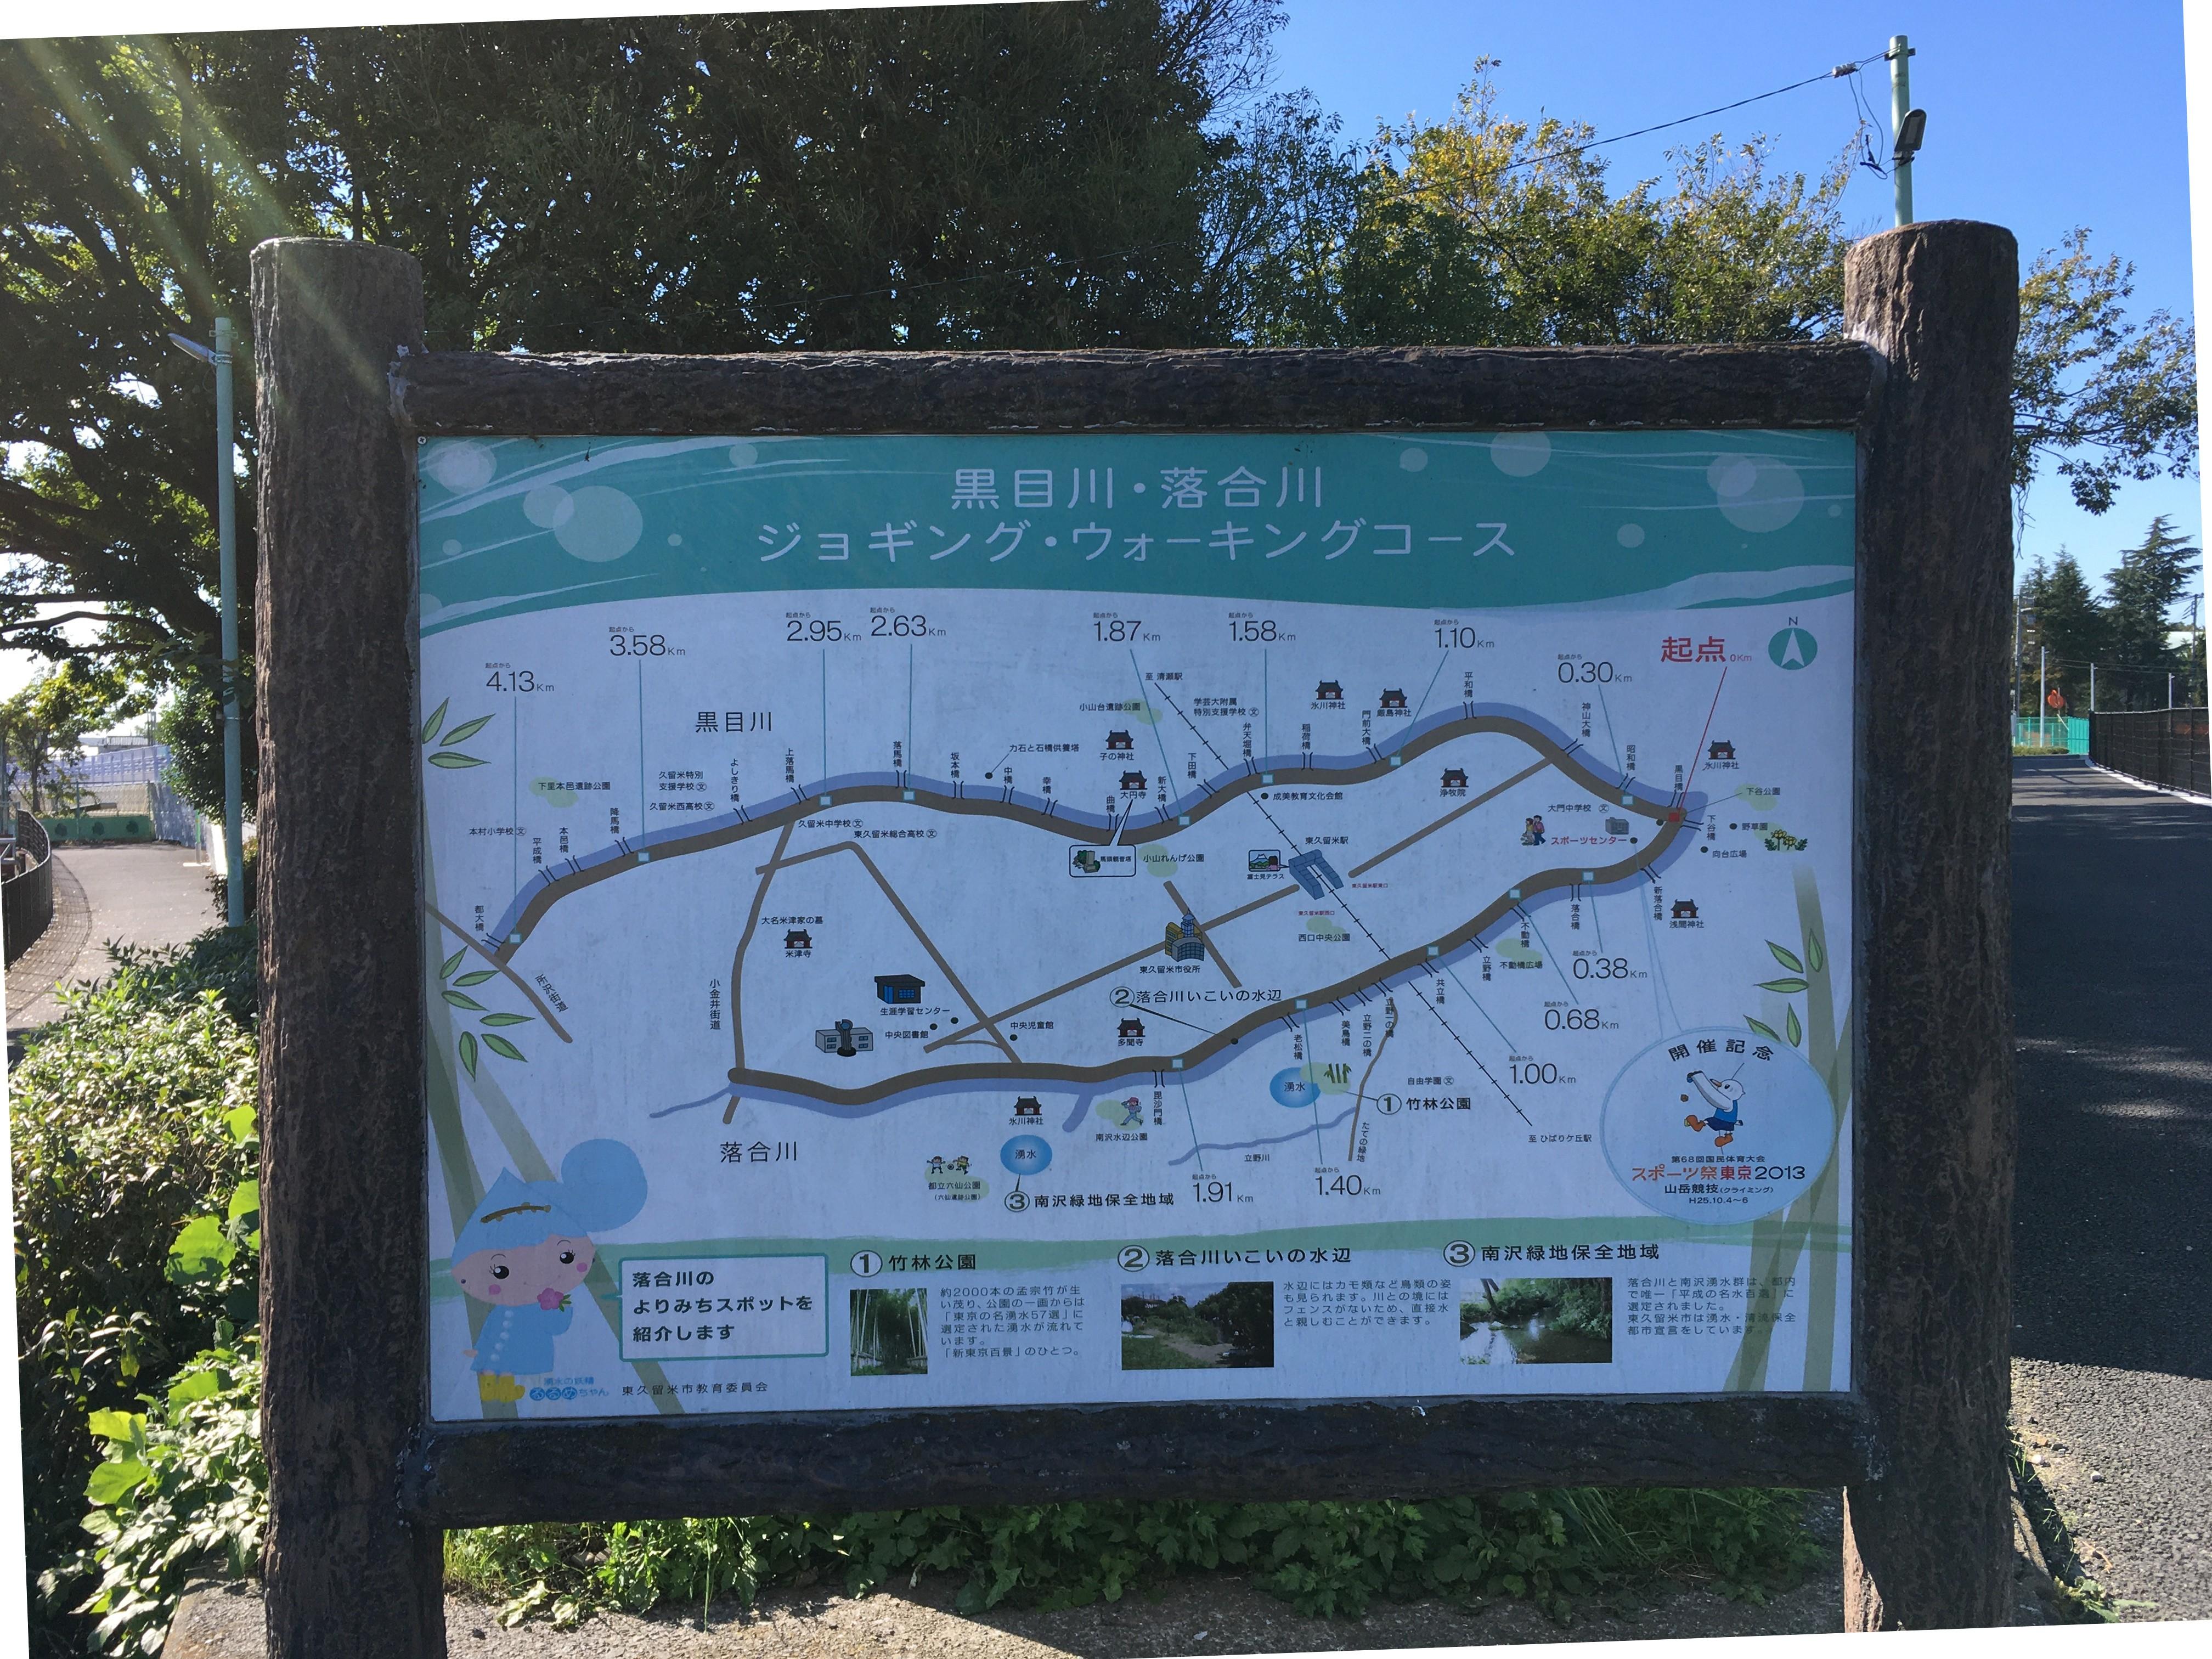 黒目川・落合川ジョギング・ウオーキングコース